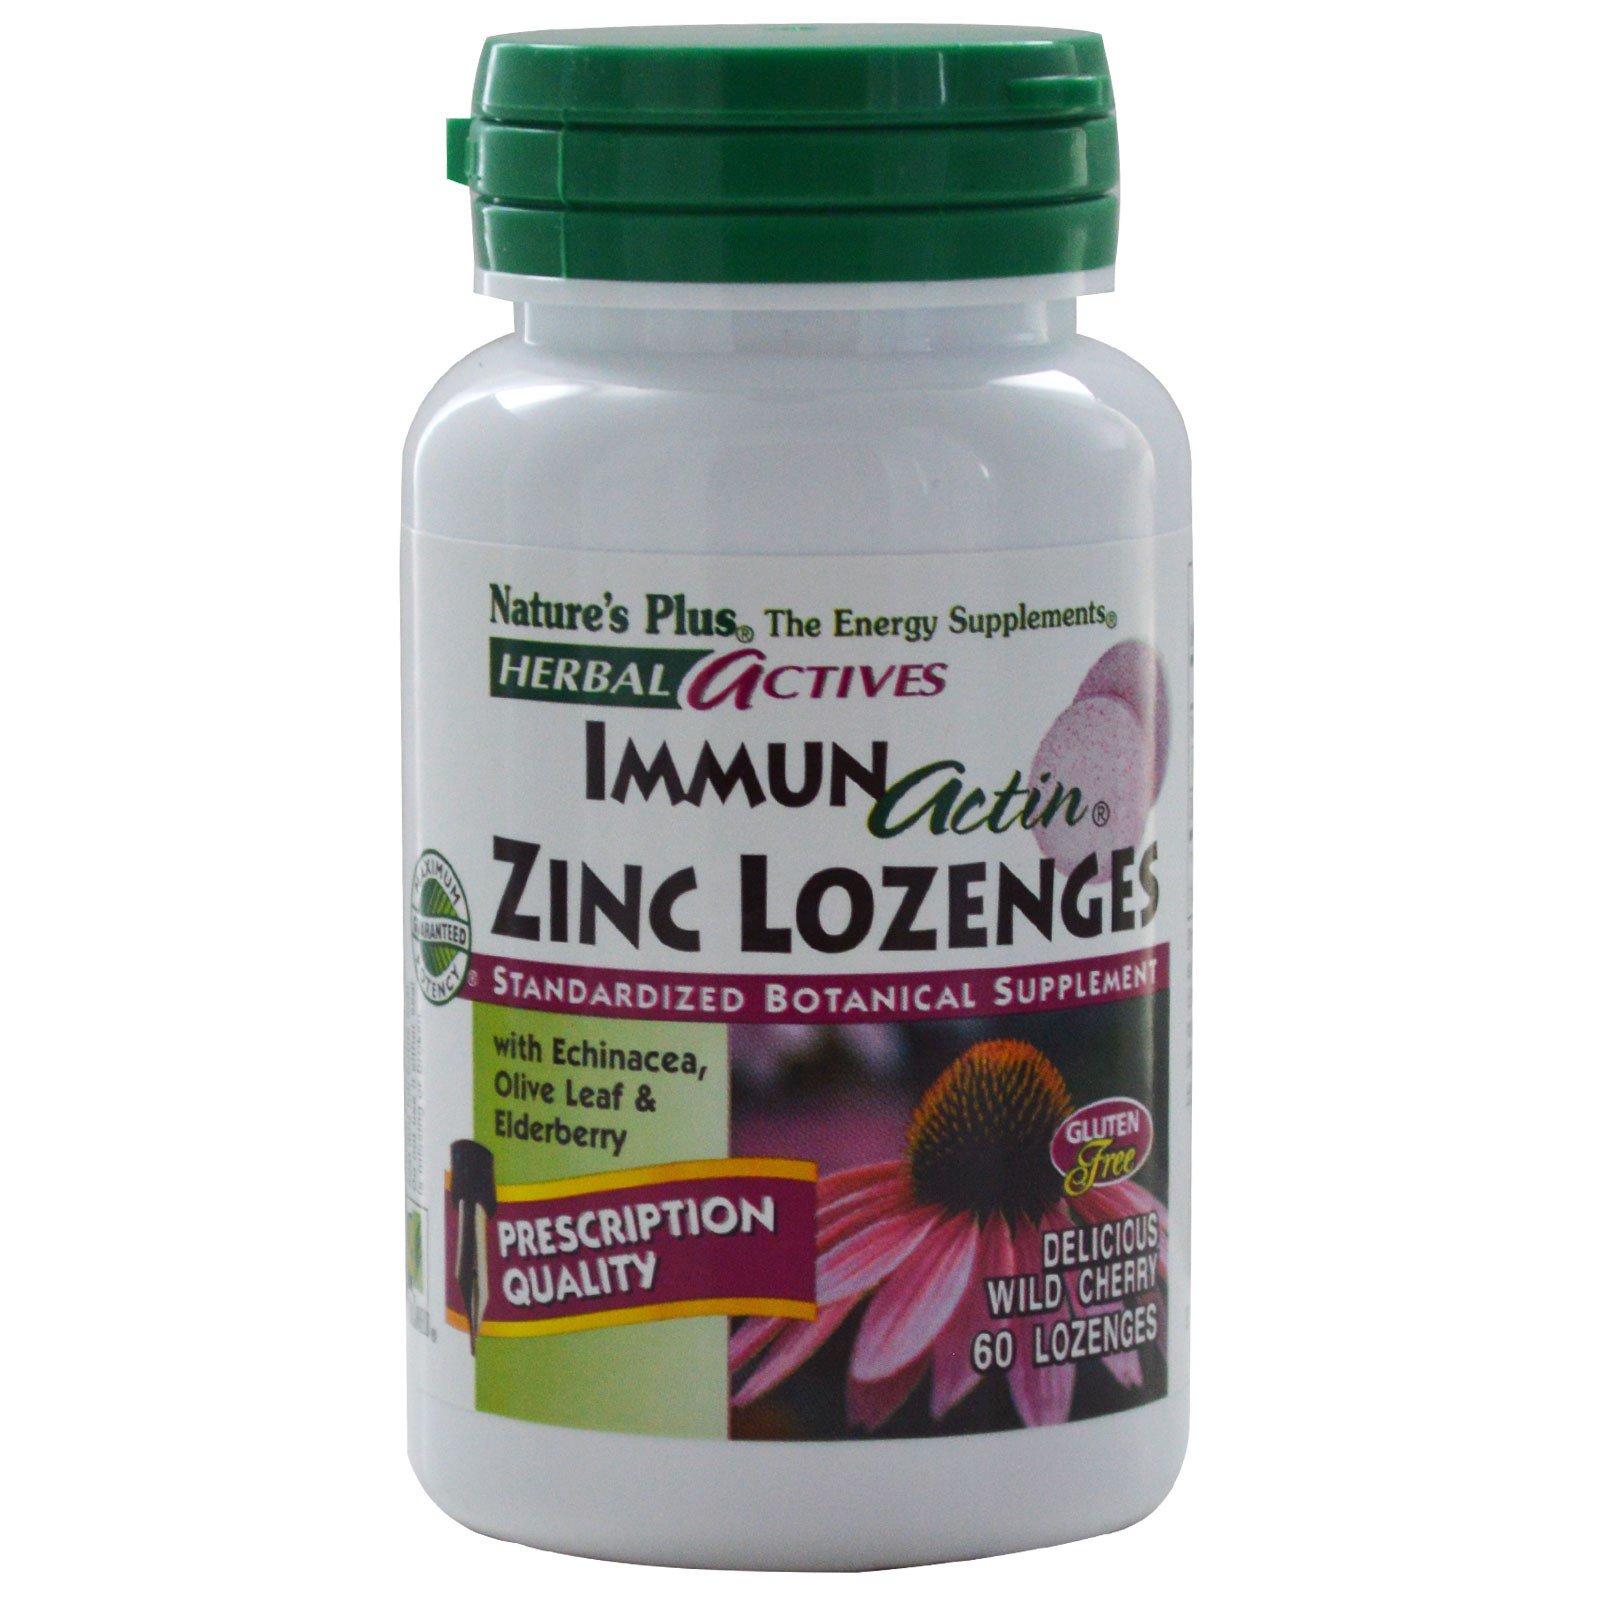 Nature's Plus, «Травяные активные вещества», Immun Actin, пастилки с цинком со вкусом дикой вишни, 60 пастилок